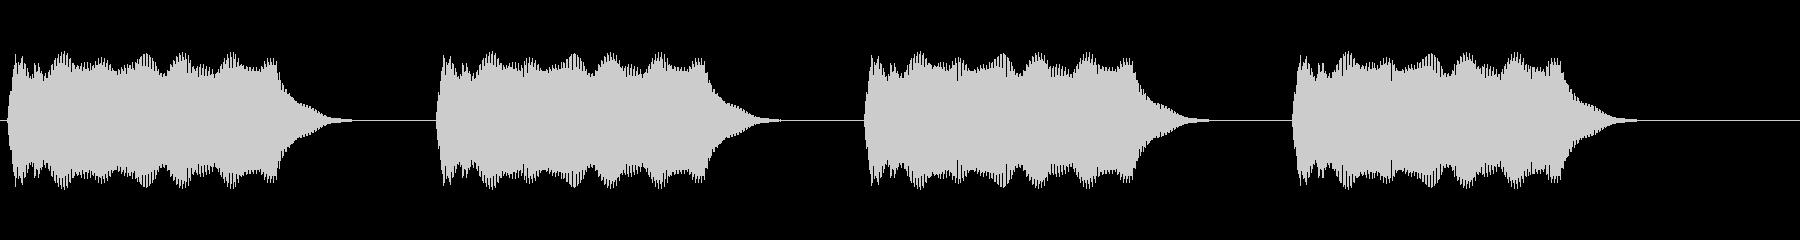 警報1の未再生の波形